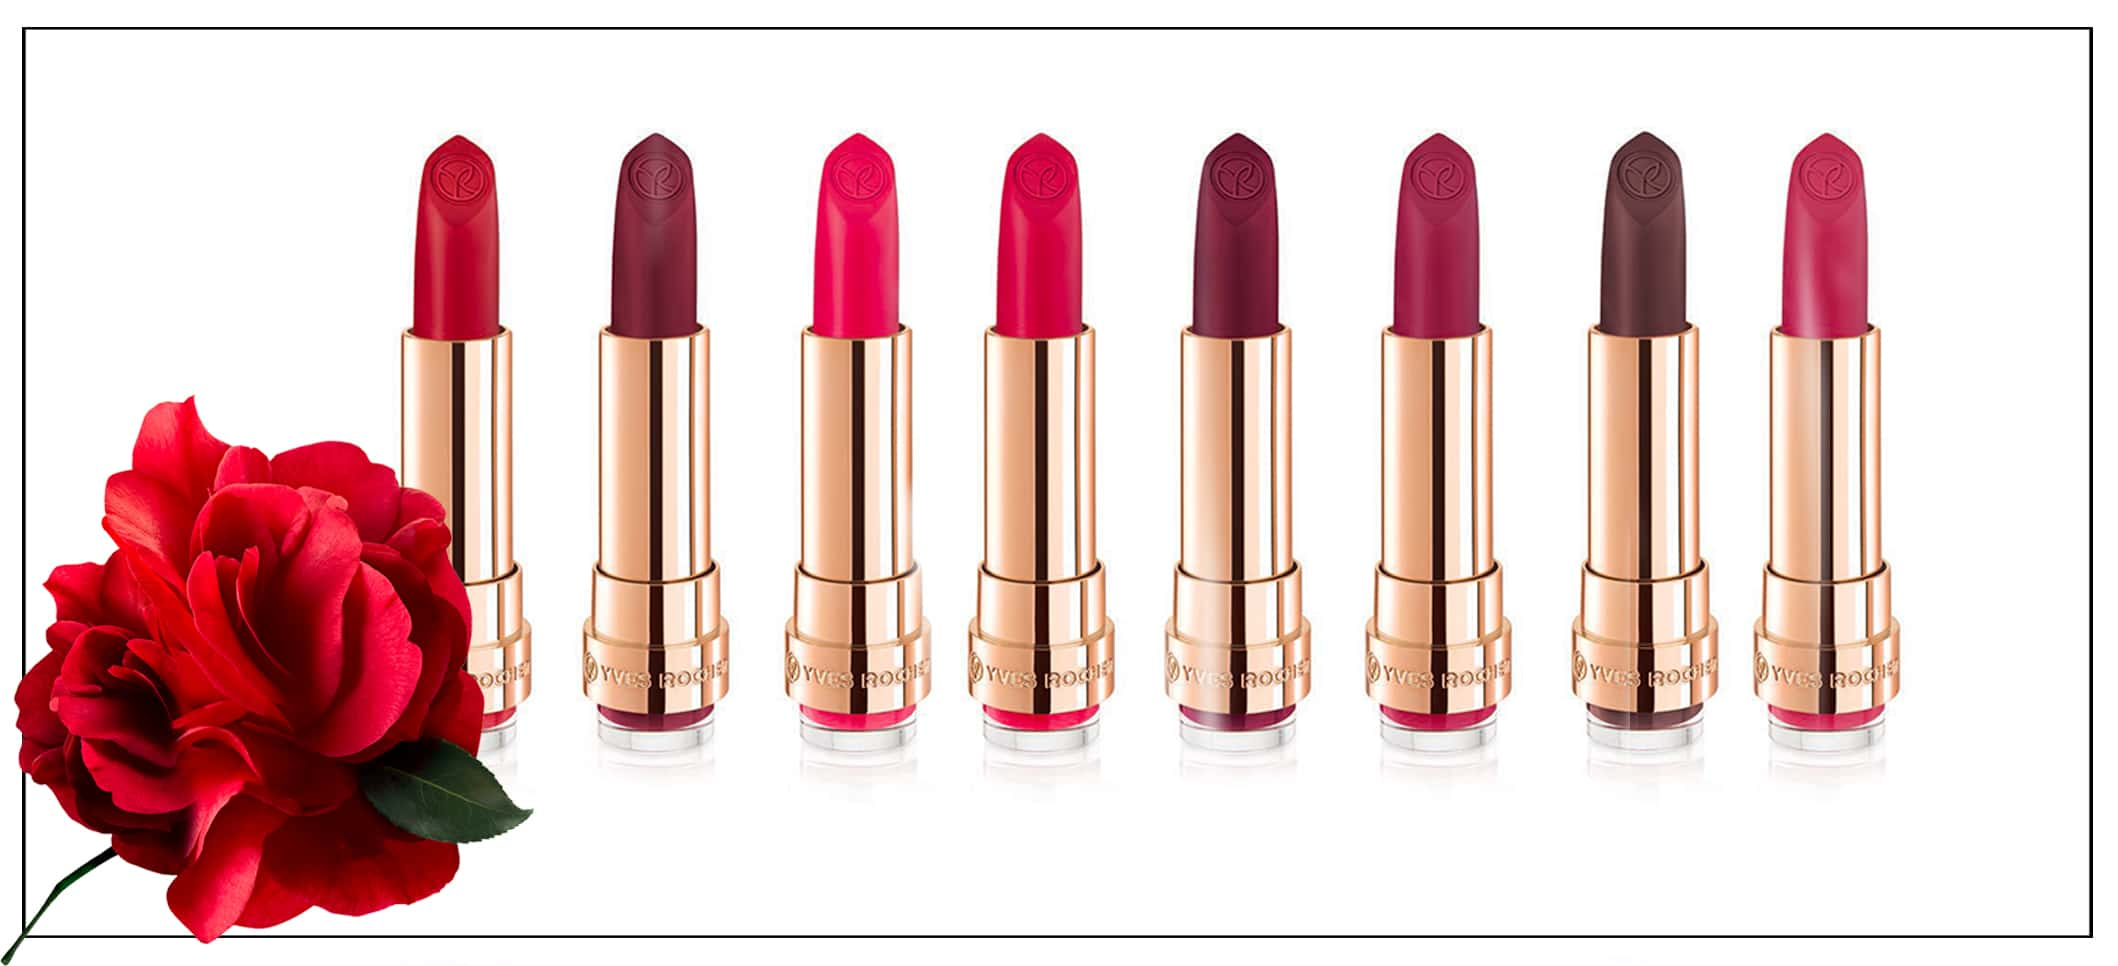 Grand Rouge Mat, il nuovo rossetto opaco idratante Yves Rocher - Info, prezzo, dove acquistare, review, recensione, opinioni, swatch